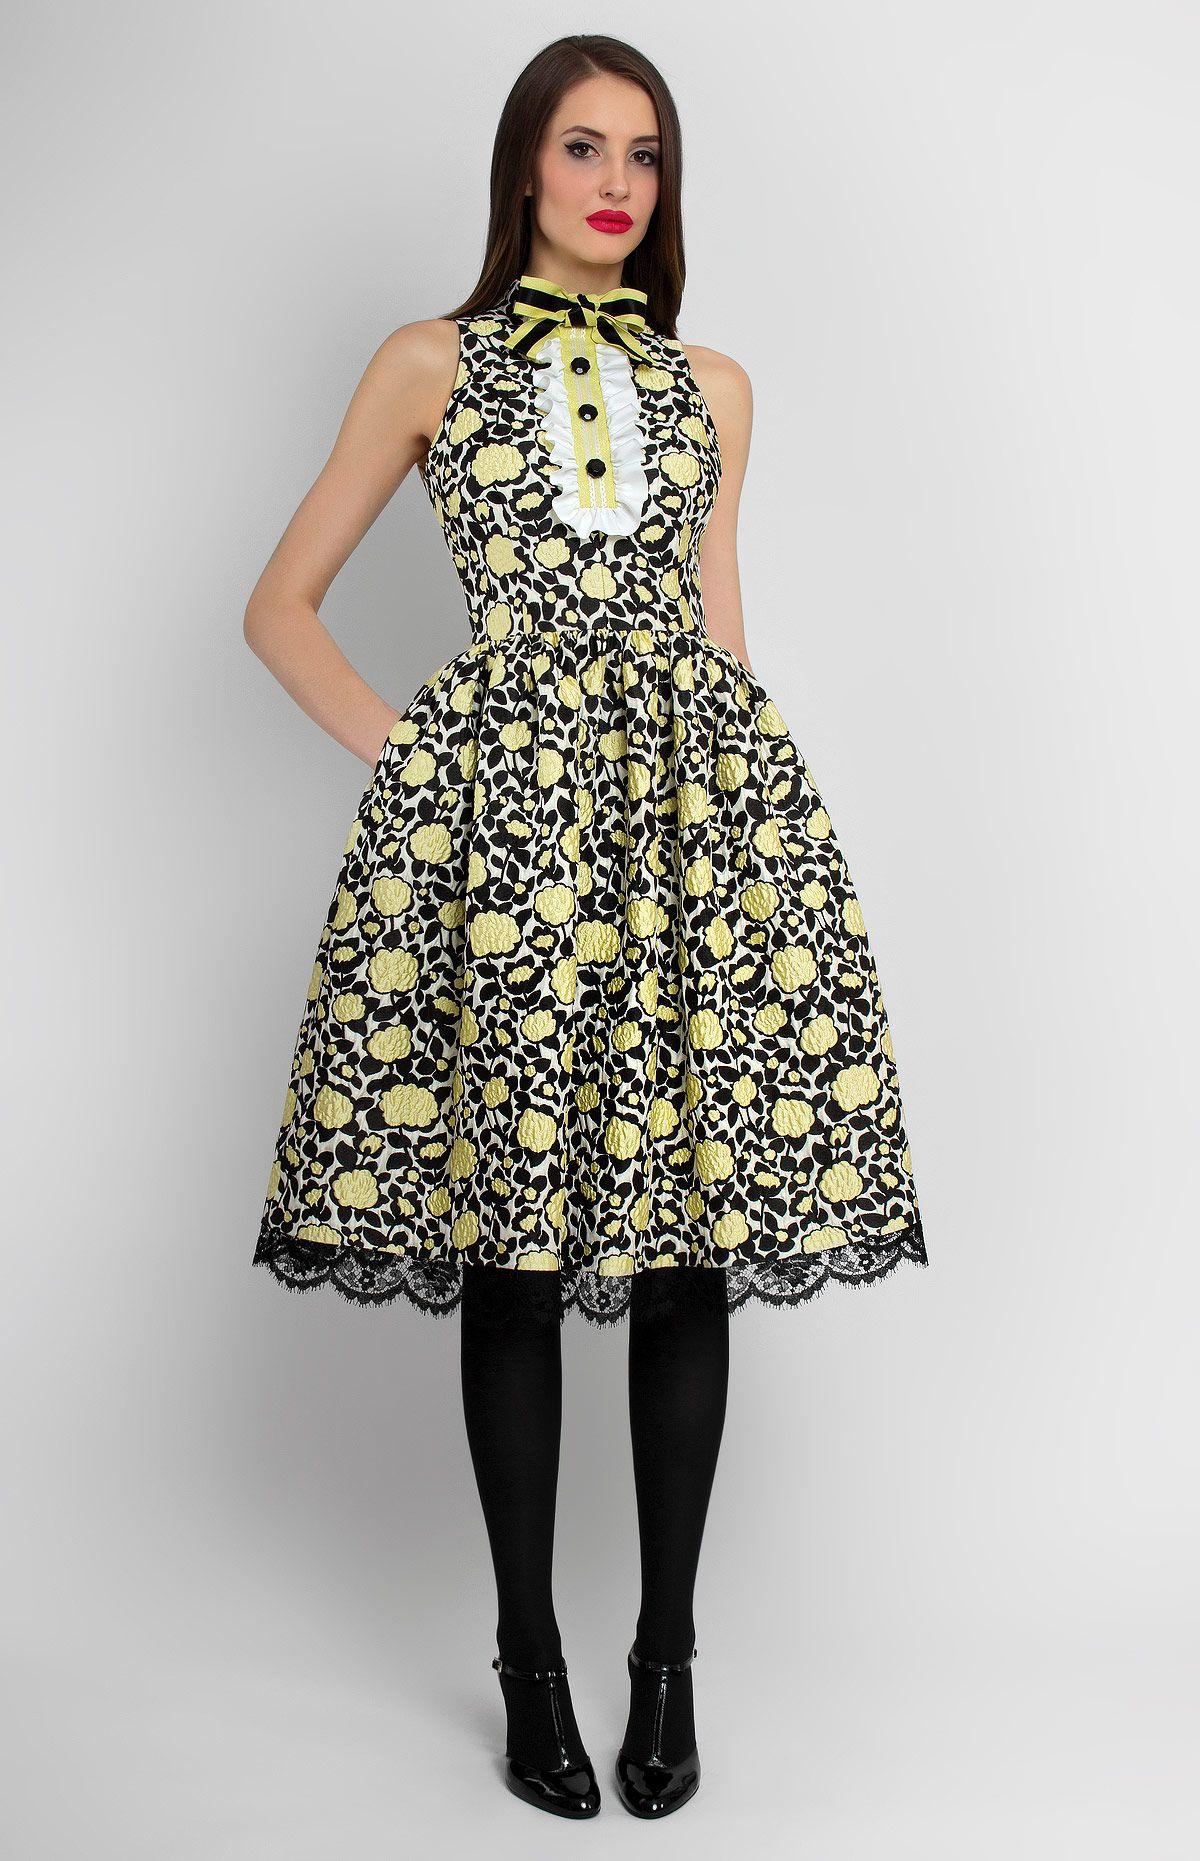 Сшить платье с воротником кружевом фото 508